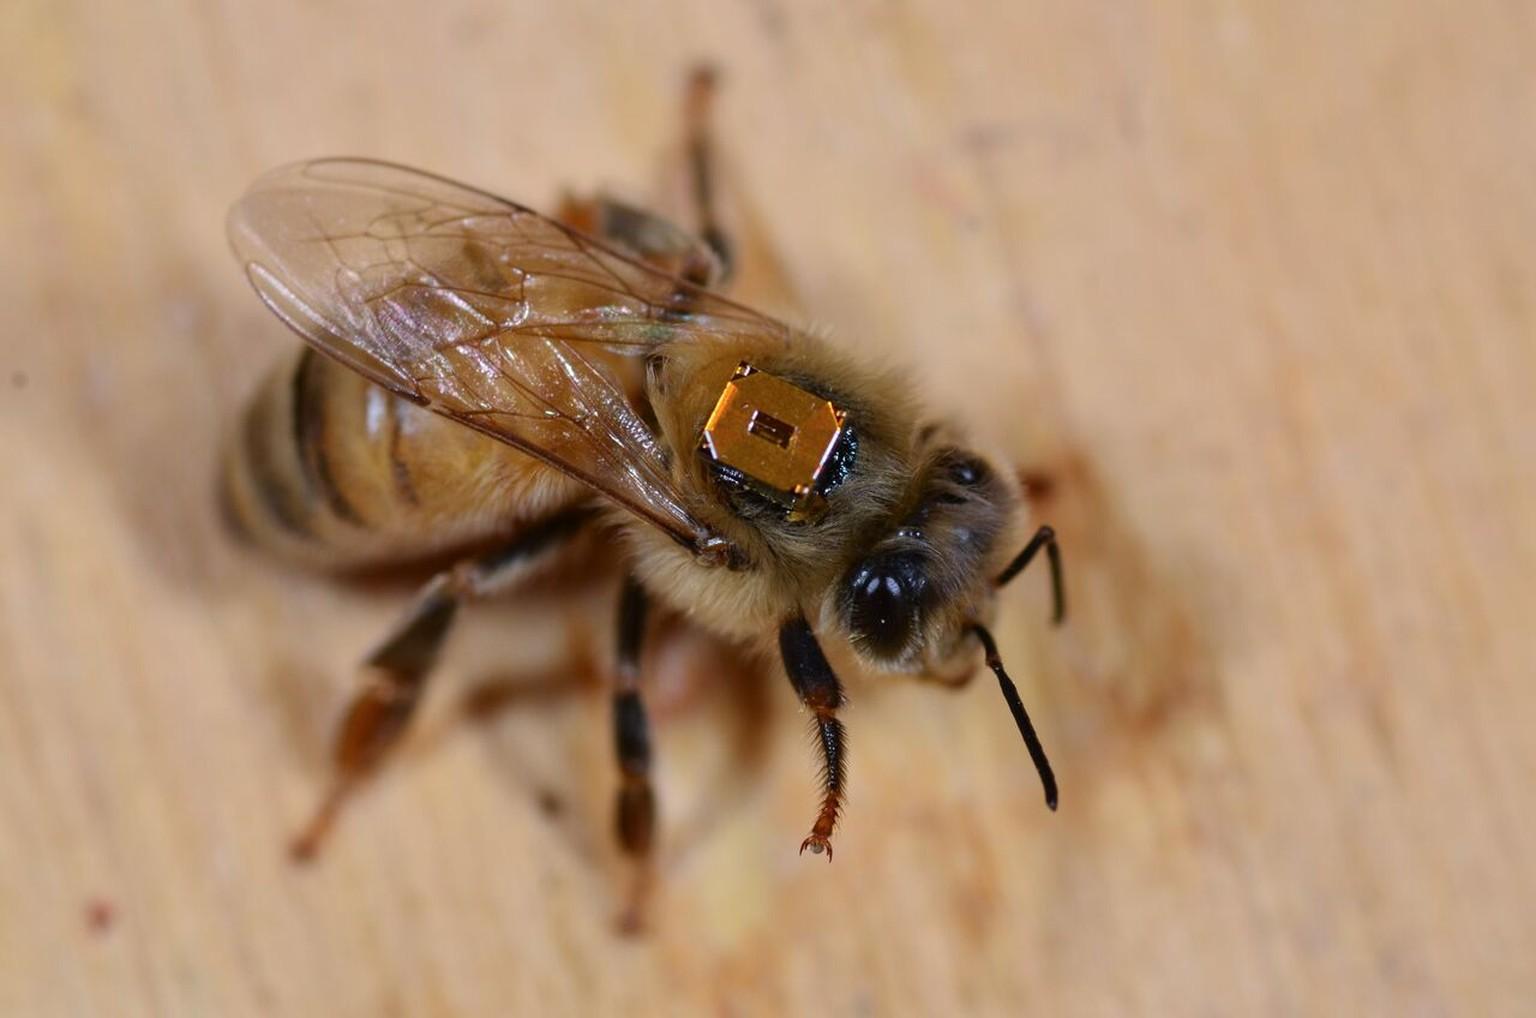 Mikrochip auf Bienen-Rücken soll Bedrohung durch Pestizide ...